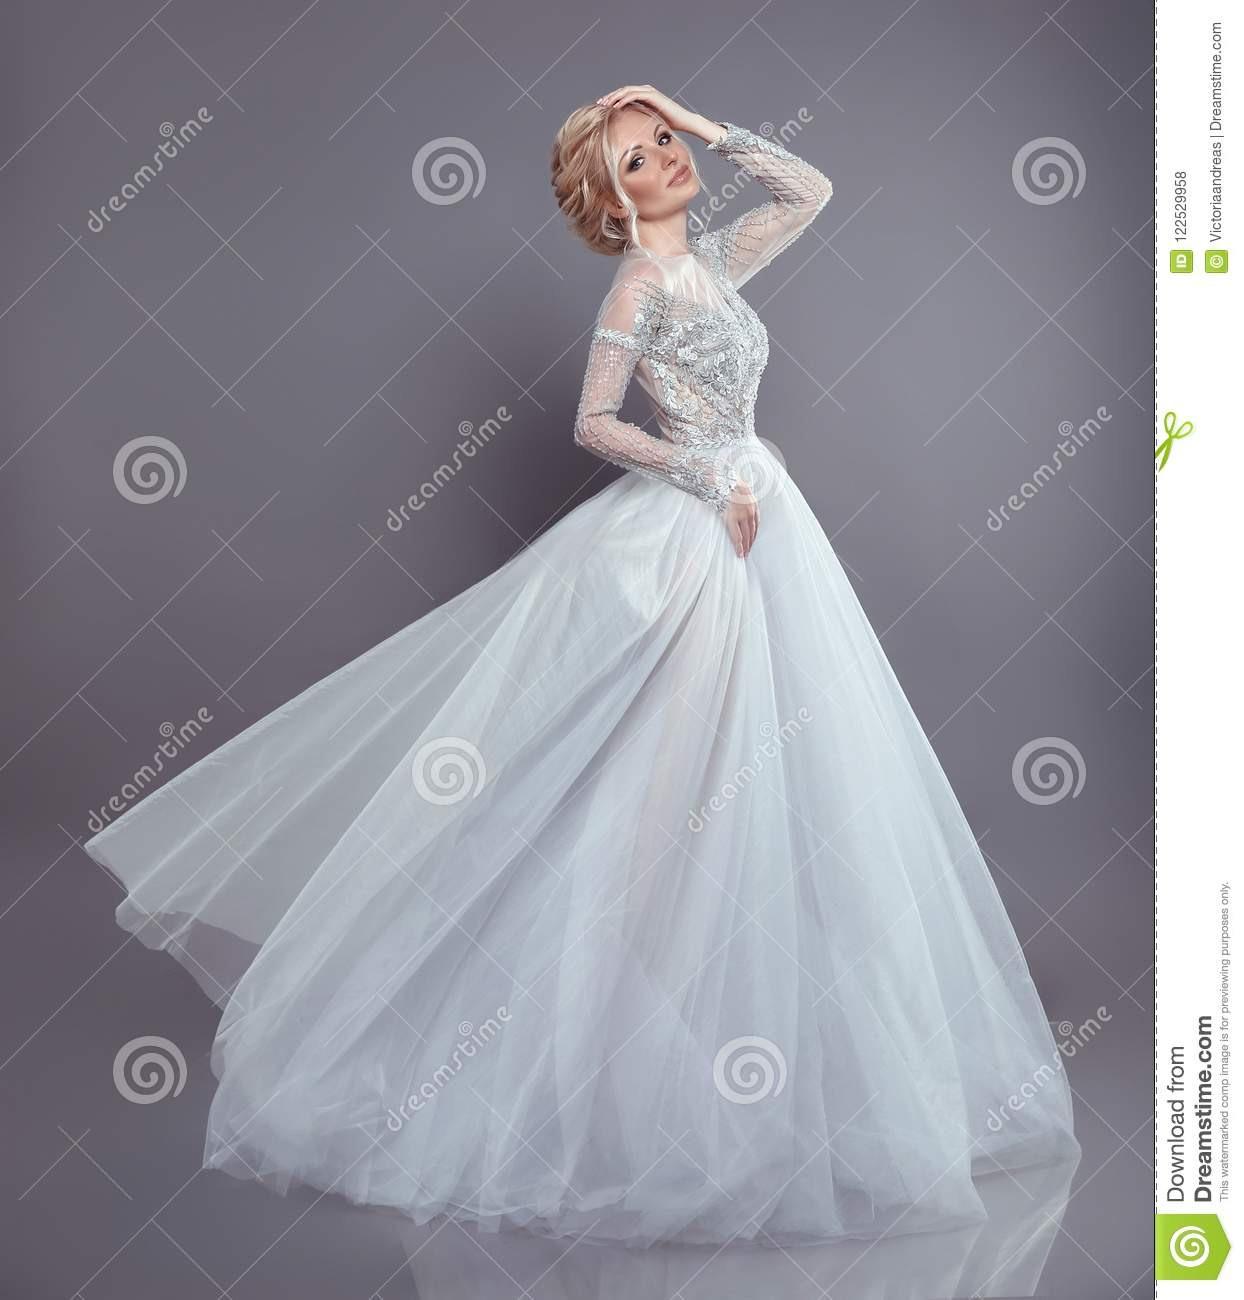 Schöne Braut In Flüssigem Chiffon- Kleid Der Hochzeit, Frau